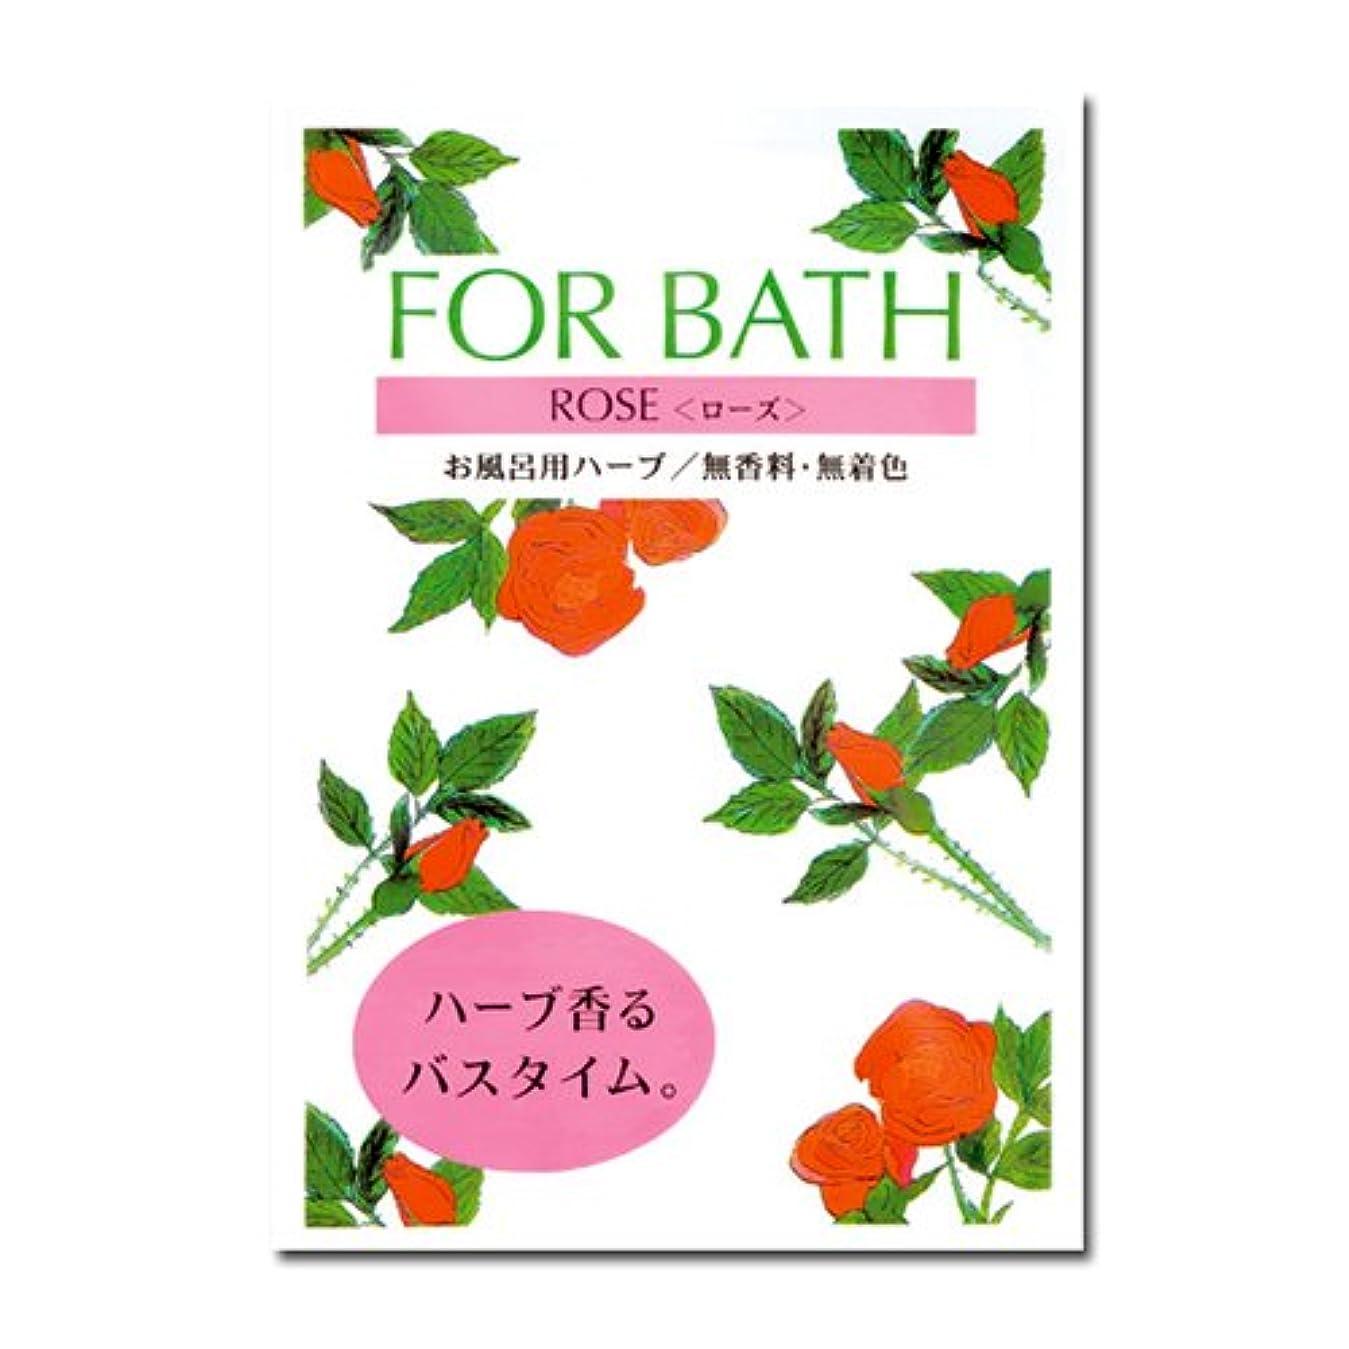 モールできない松明フォアバス ローズx30袋[フォアバス/入浴剤/ハーブ]